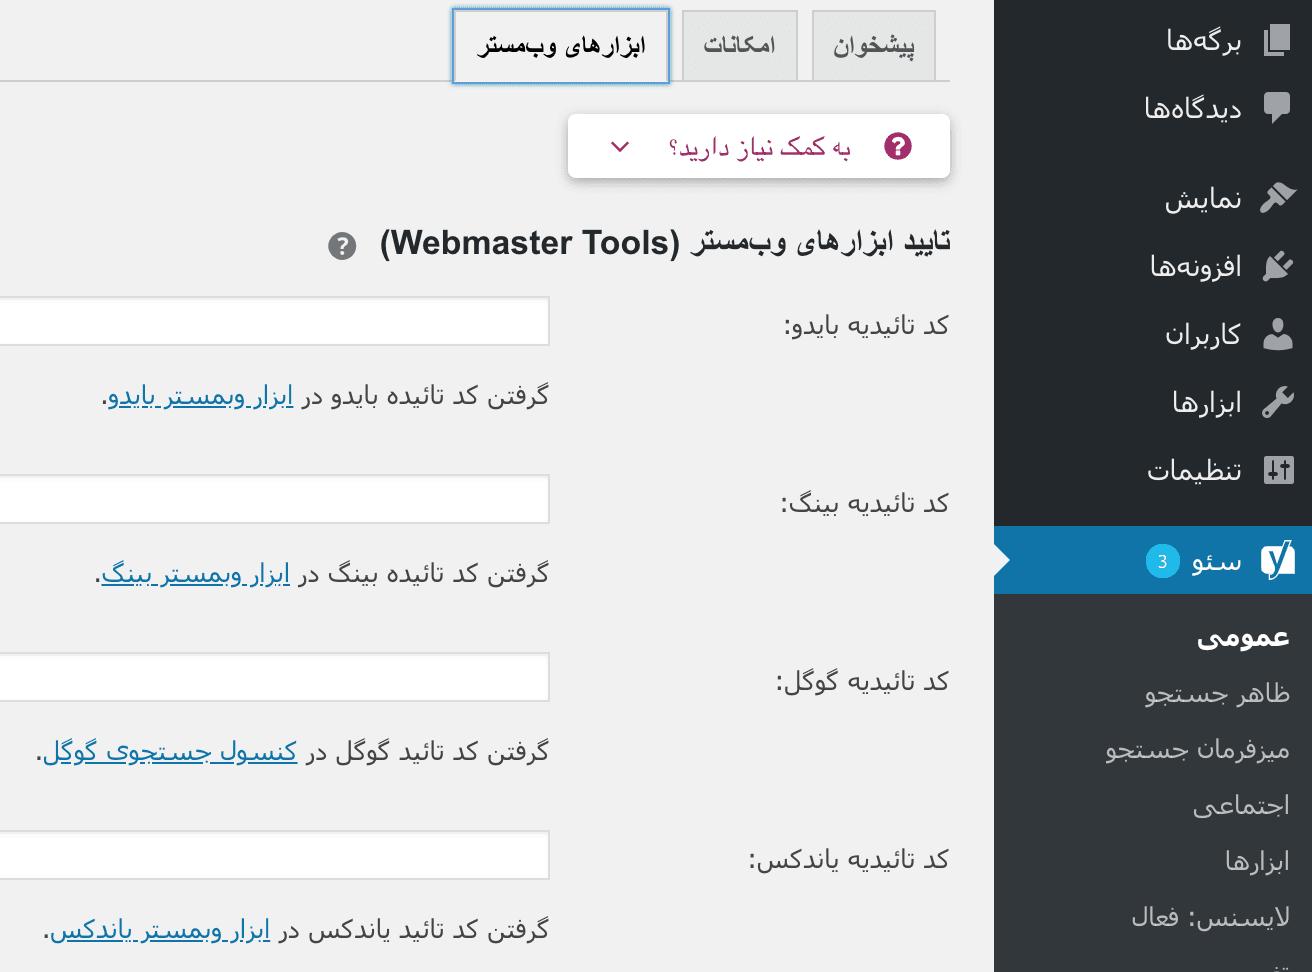 ابزارهای وبمستر